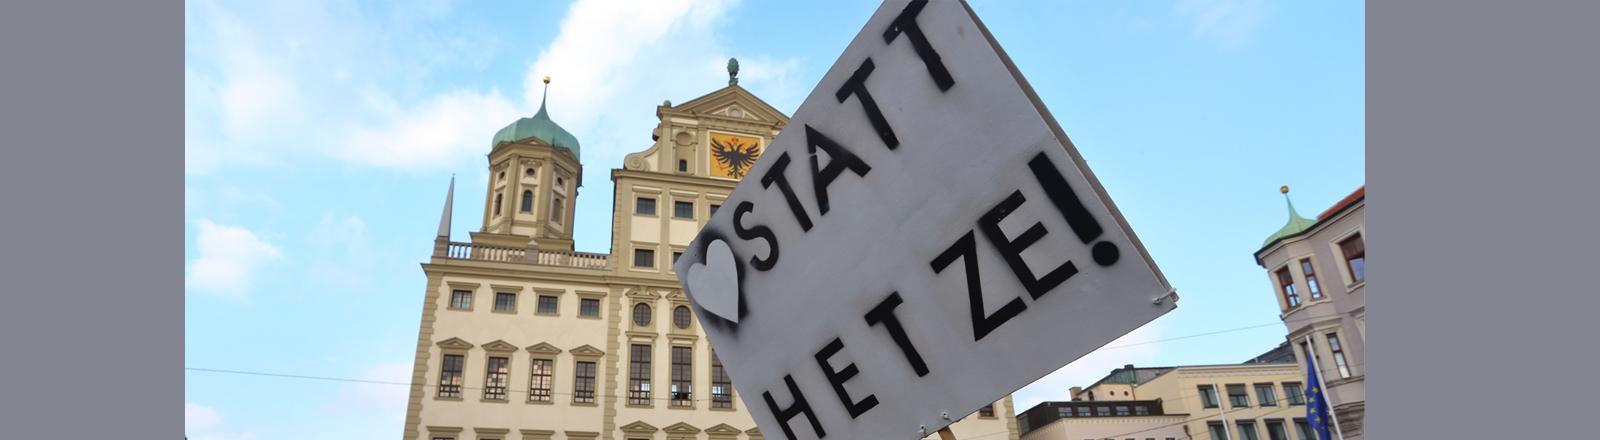 """""""Liebe statt Hetze"""" steht auf einem Plakat."""